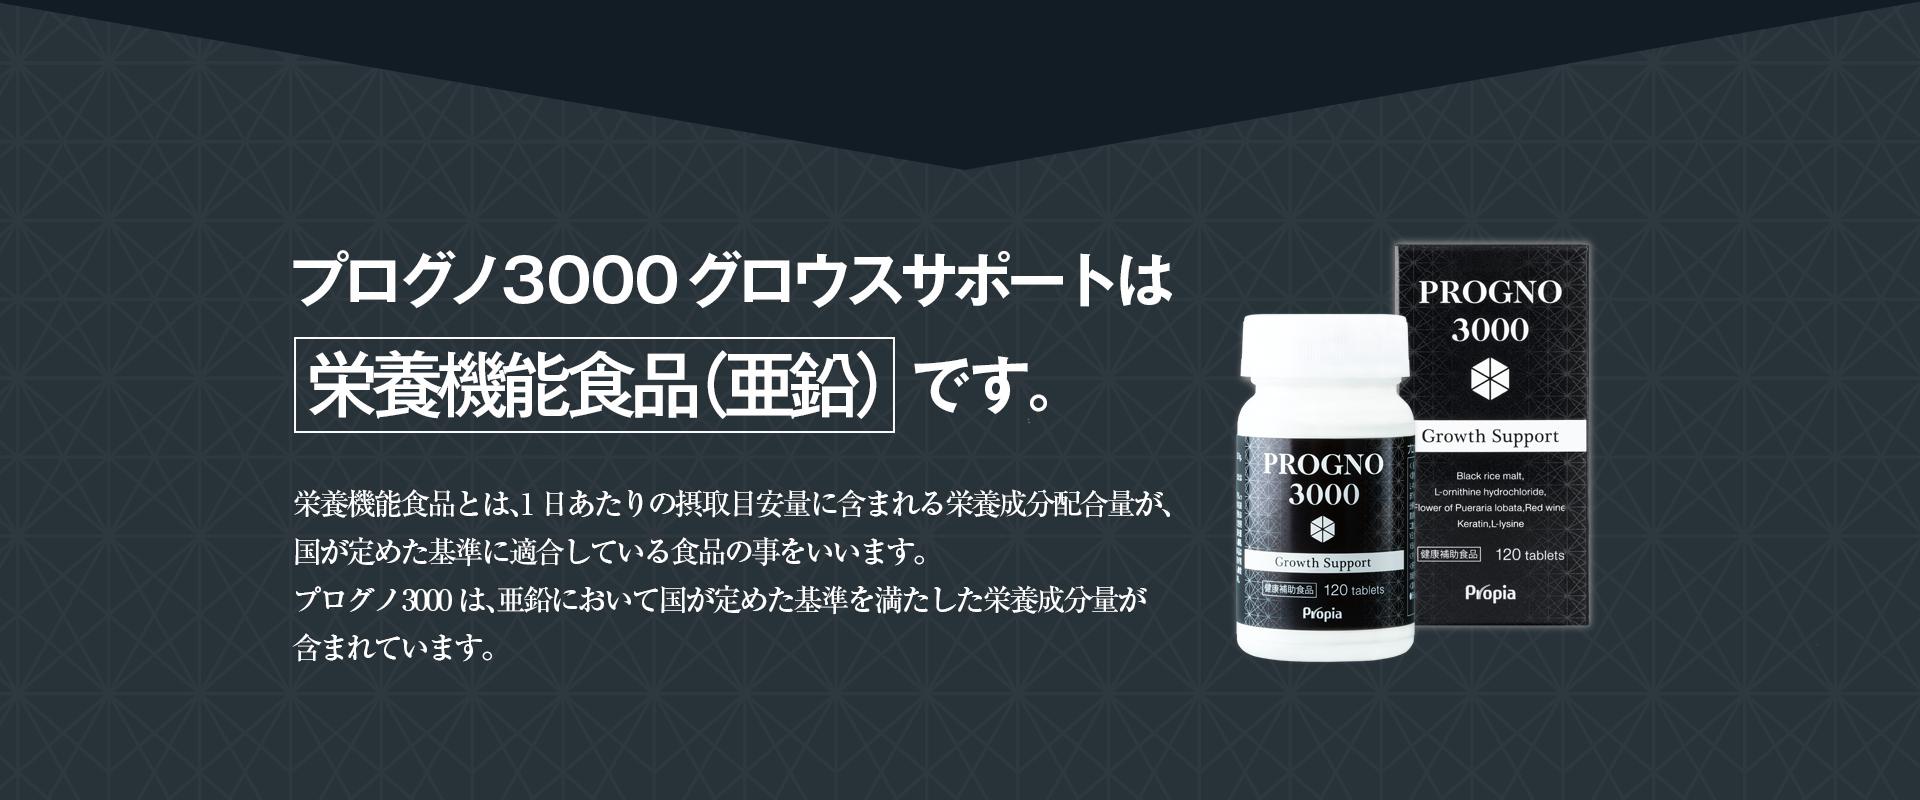 プログノ3000グロウスサポートは栄養機能食品です。